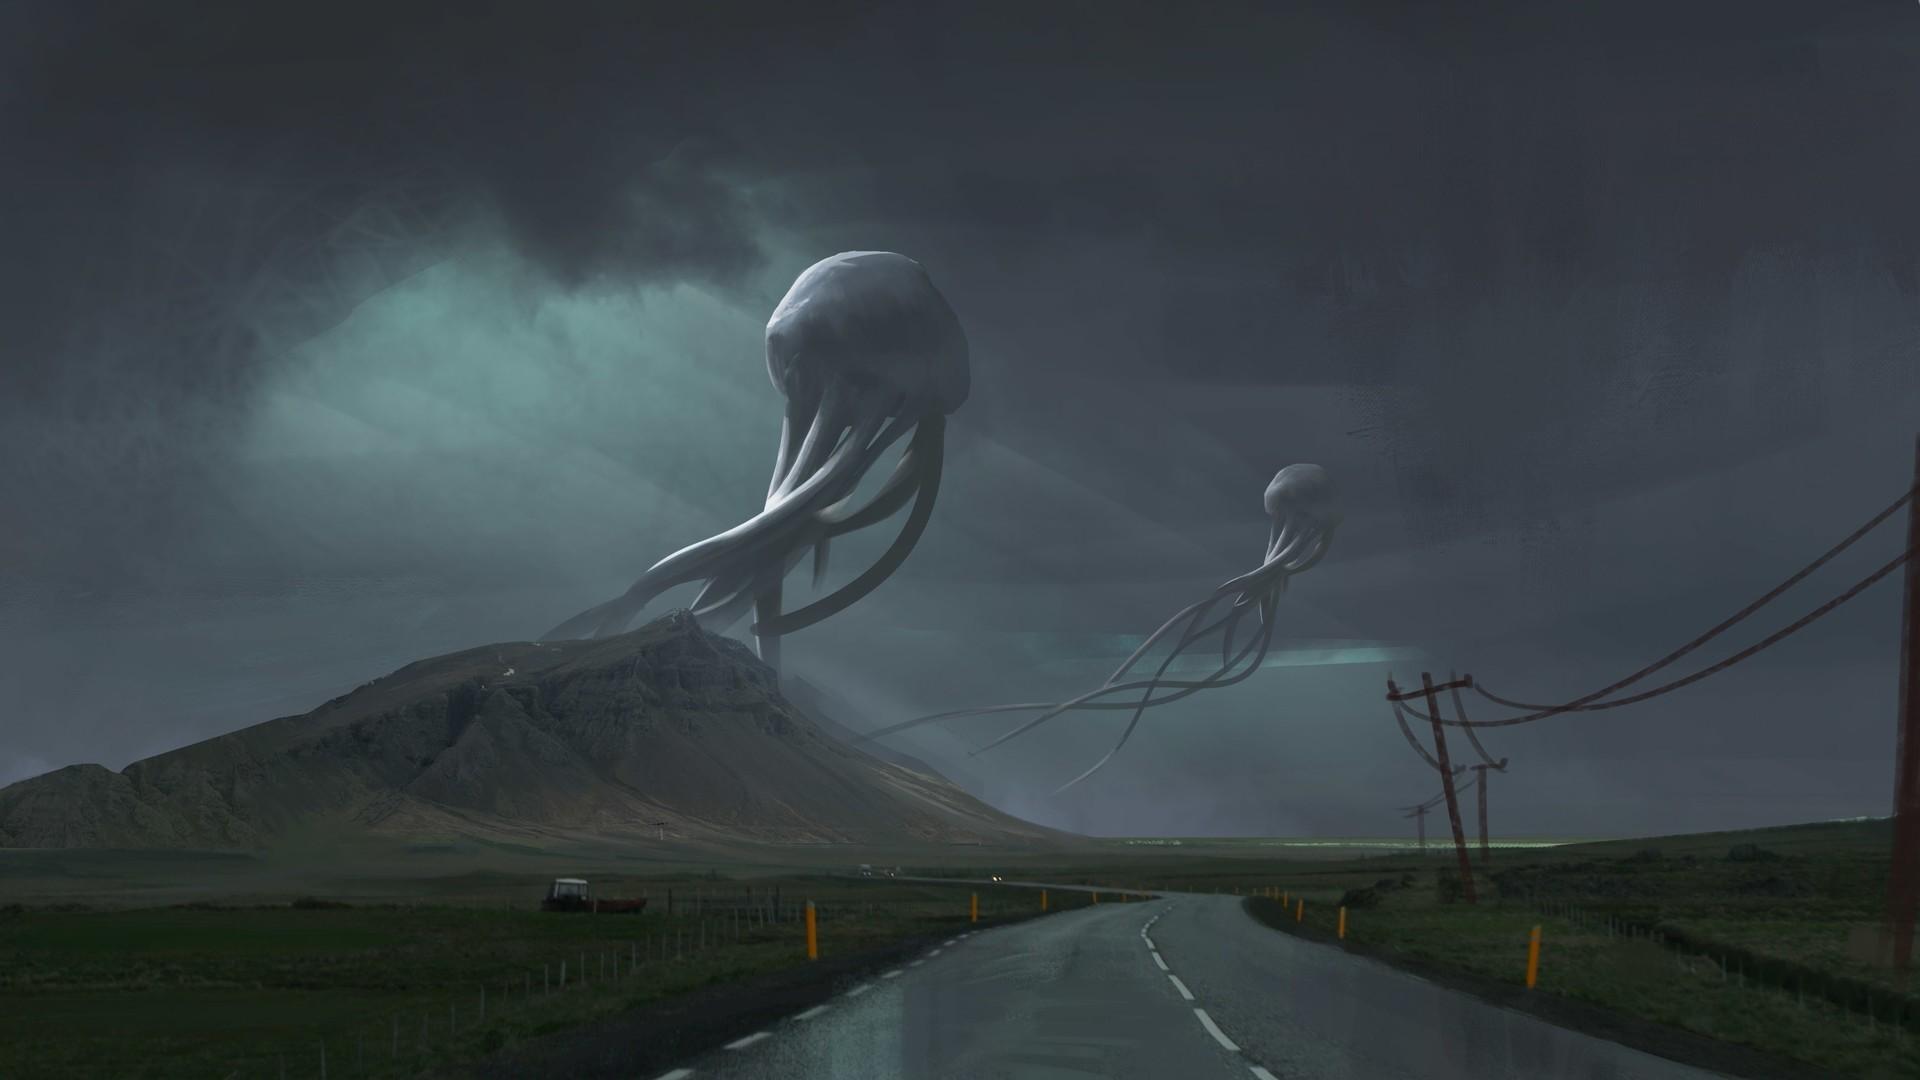 Lovecraft Wallpaper Download